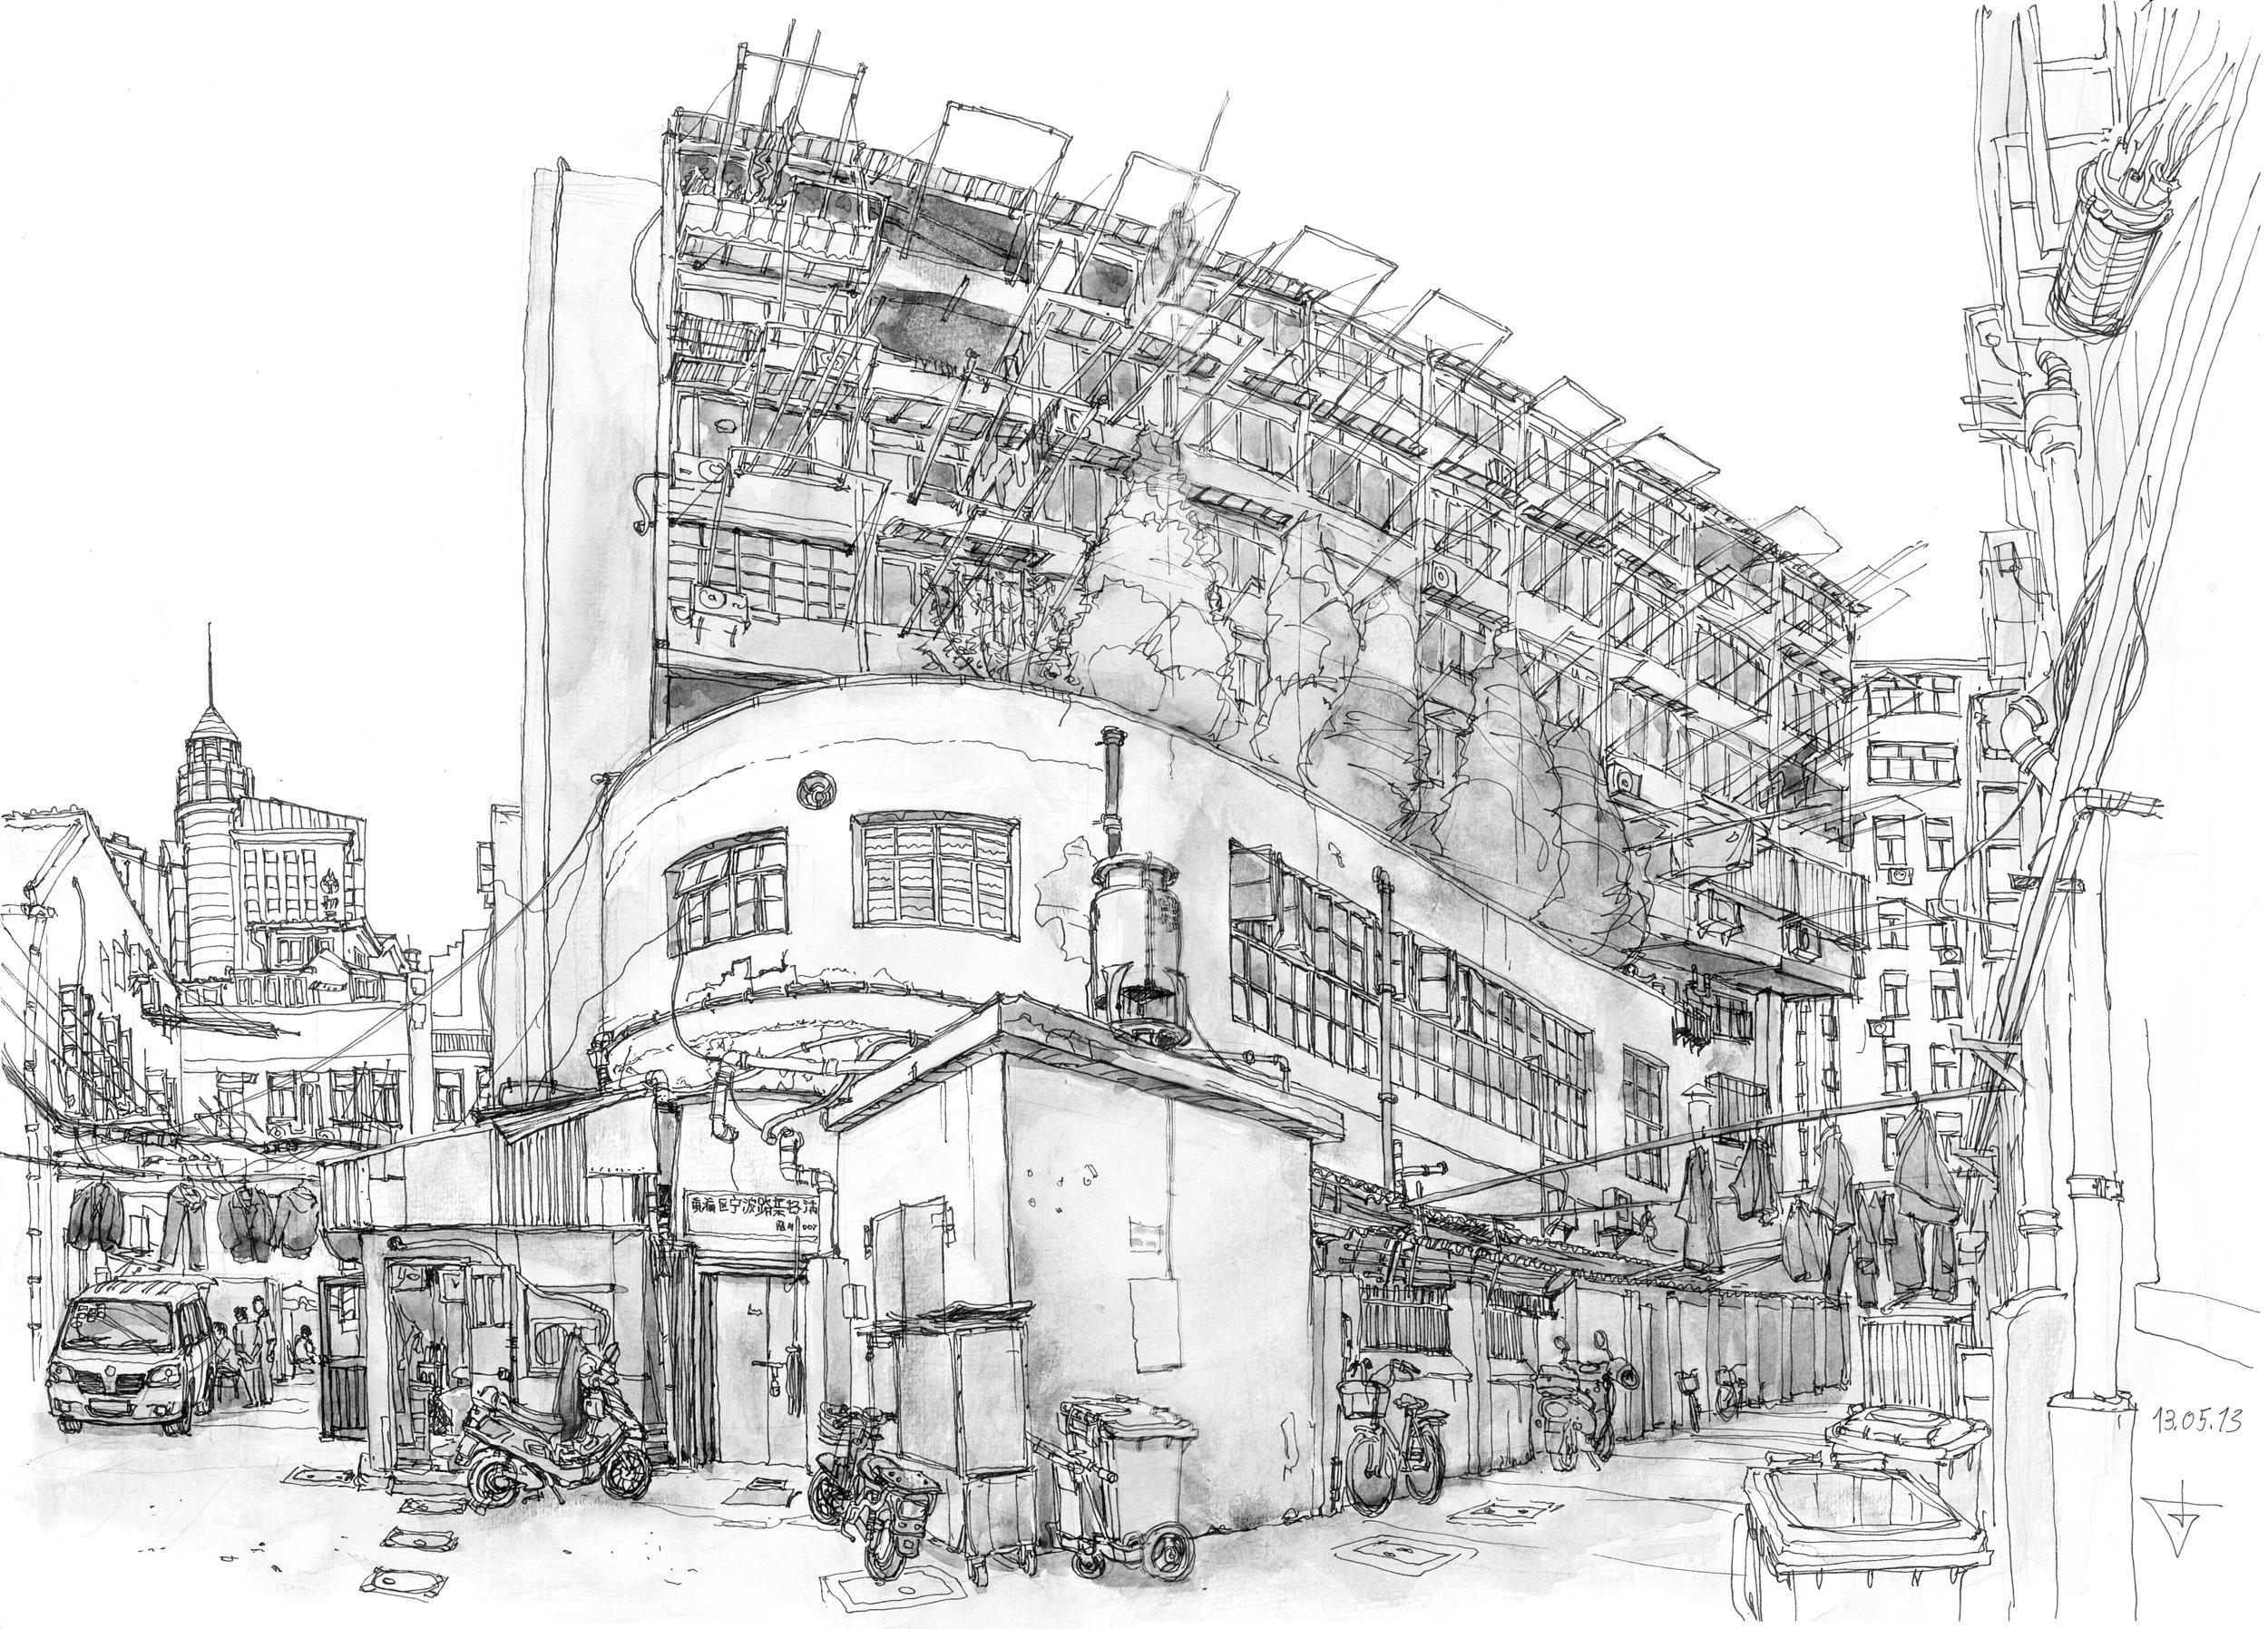 Illustration, Evgeny Bondarenko